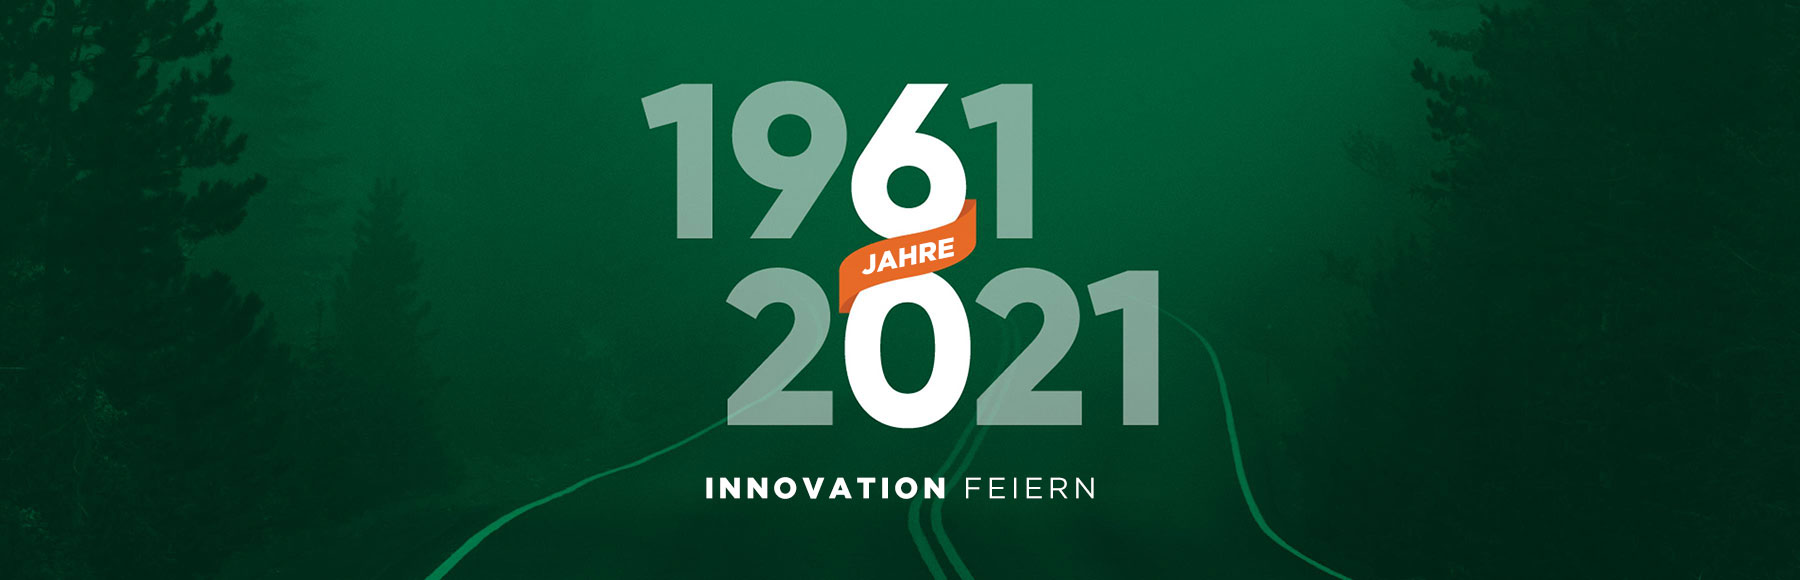 Innovation feiern – 1961 bis 2021 – 60 Jahre-Banner